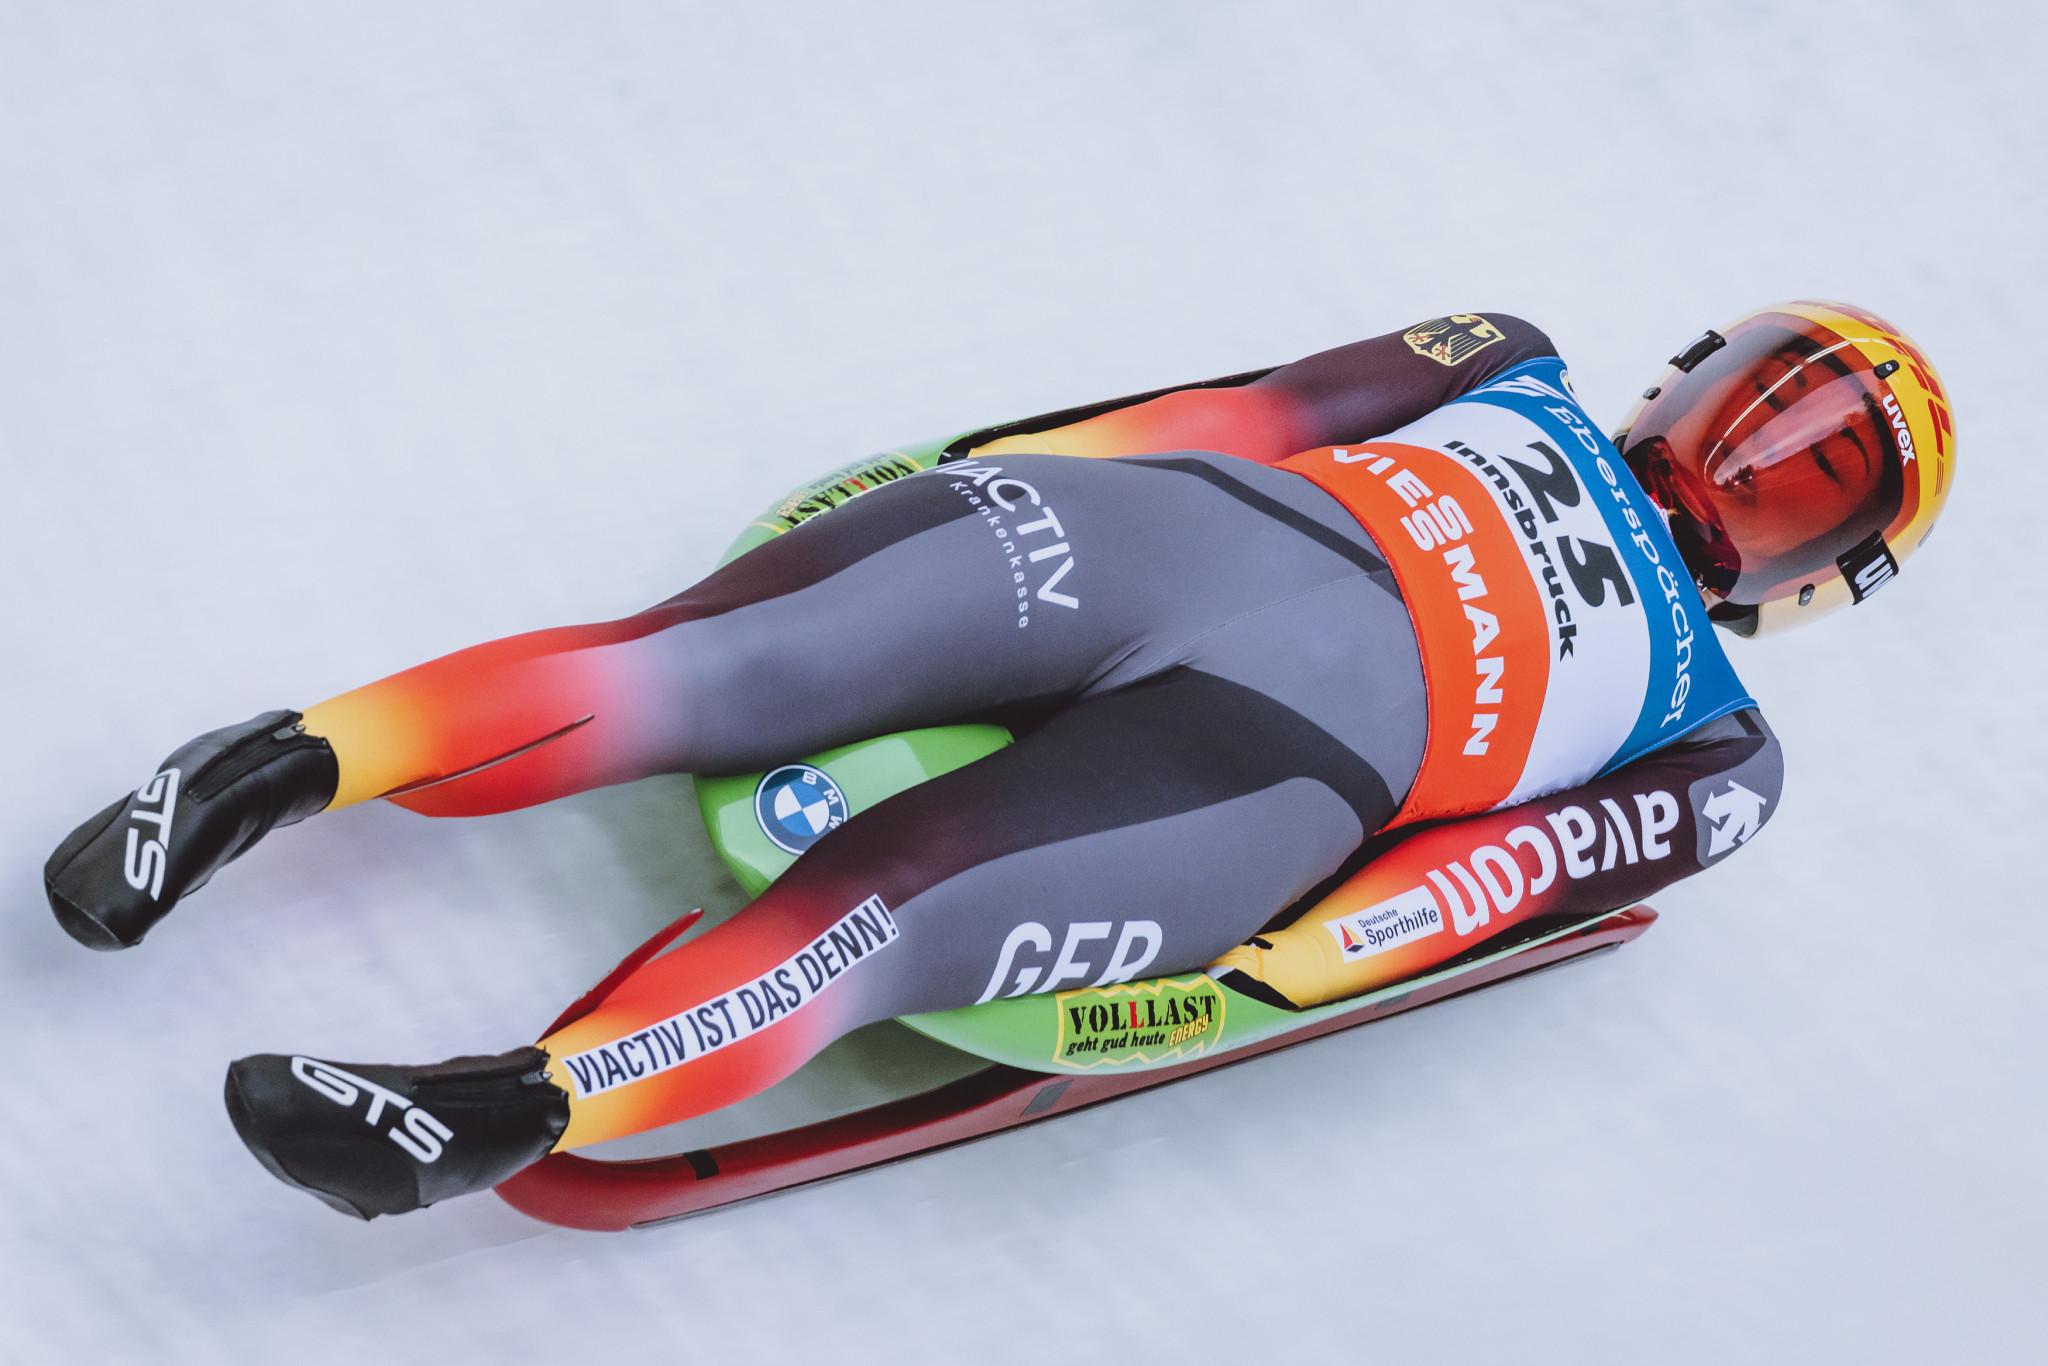 Gleirscher and Taubitz earn sprint titles at Luge World Championships